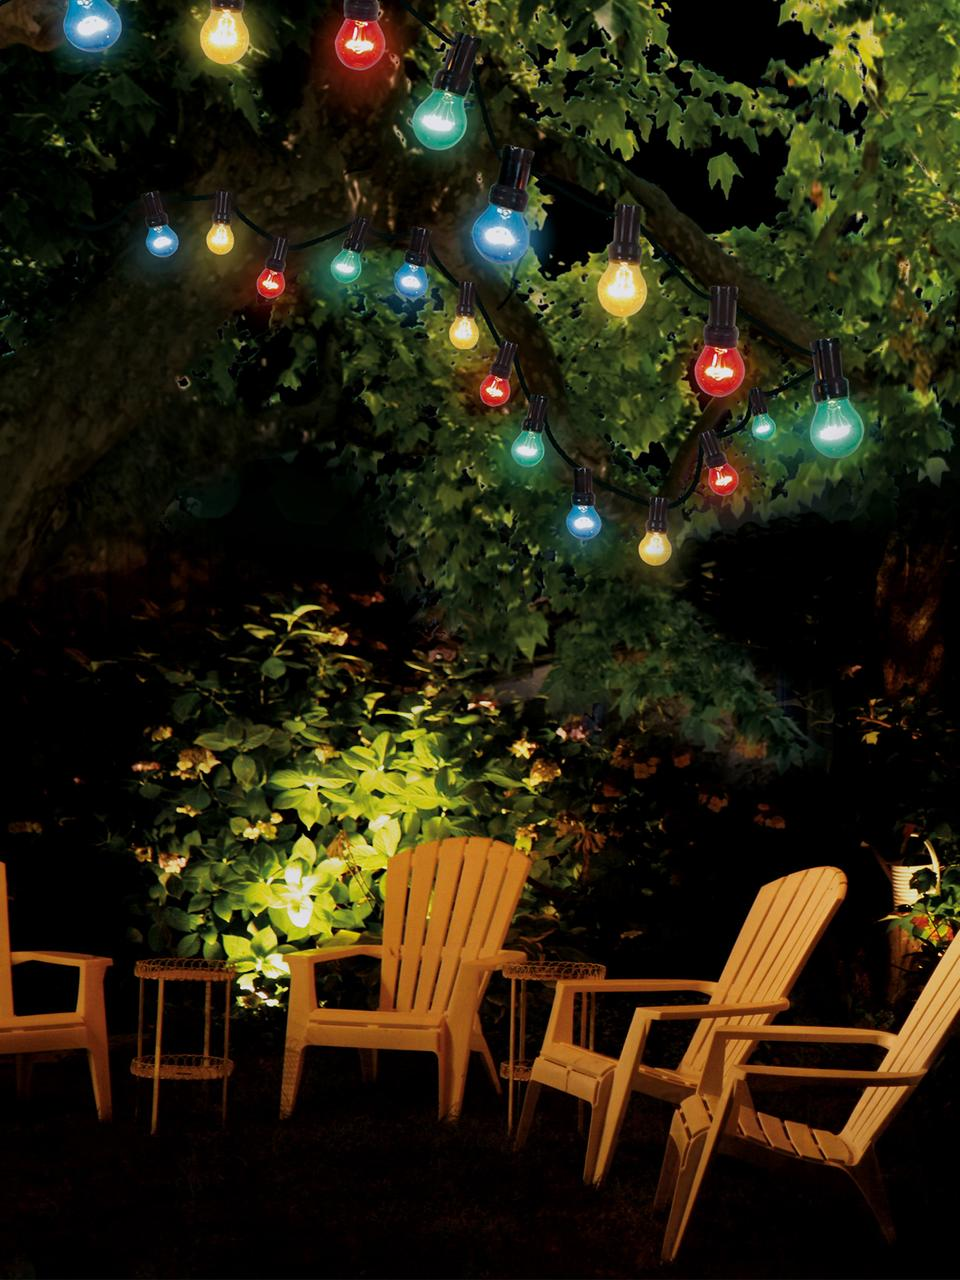 Girlanda świetlna Jubile, 620 cm i 10 lampionów, Czerwony, niebieski, zielony, żółty, D 620 cm